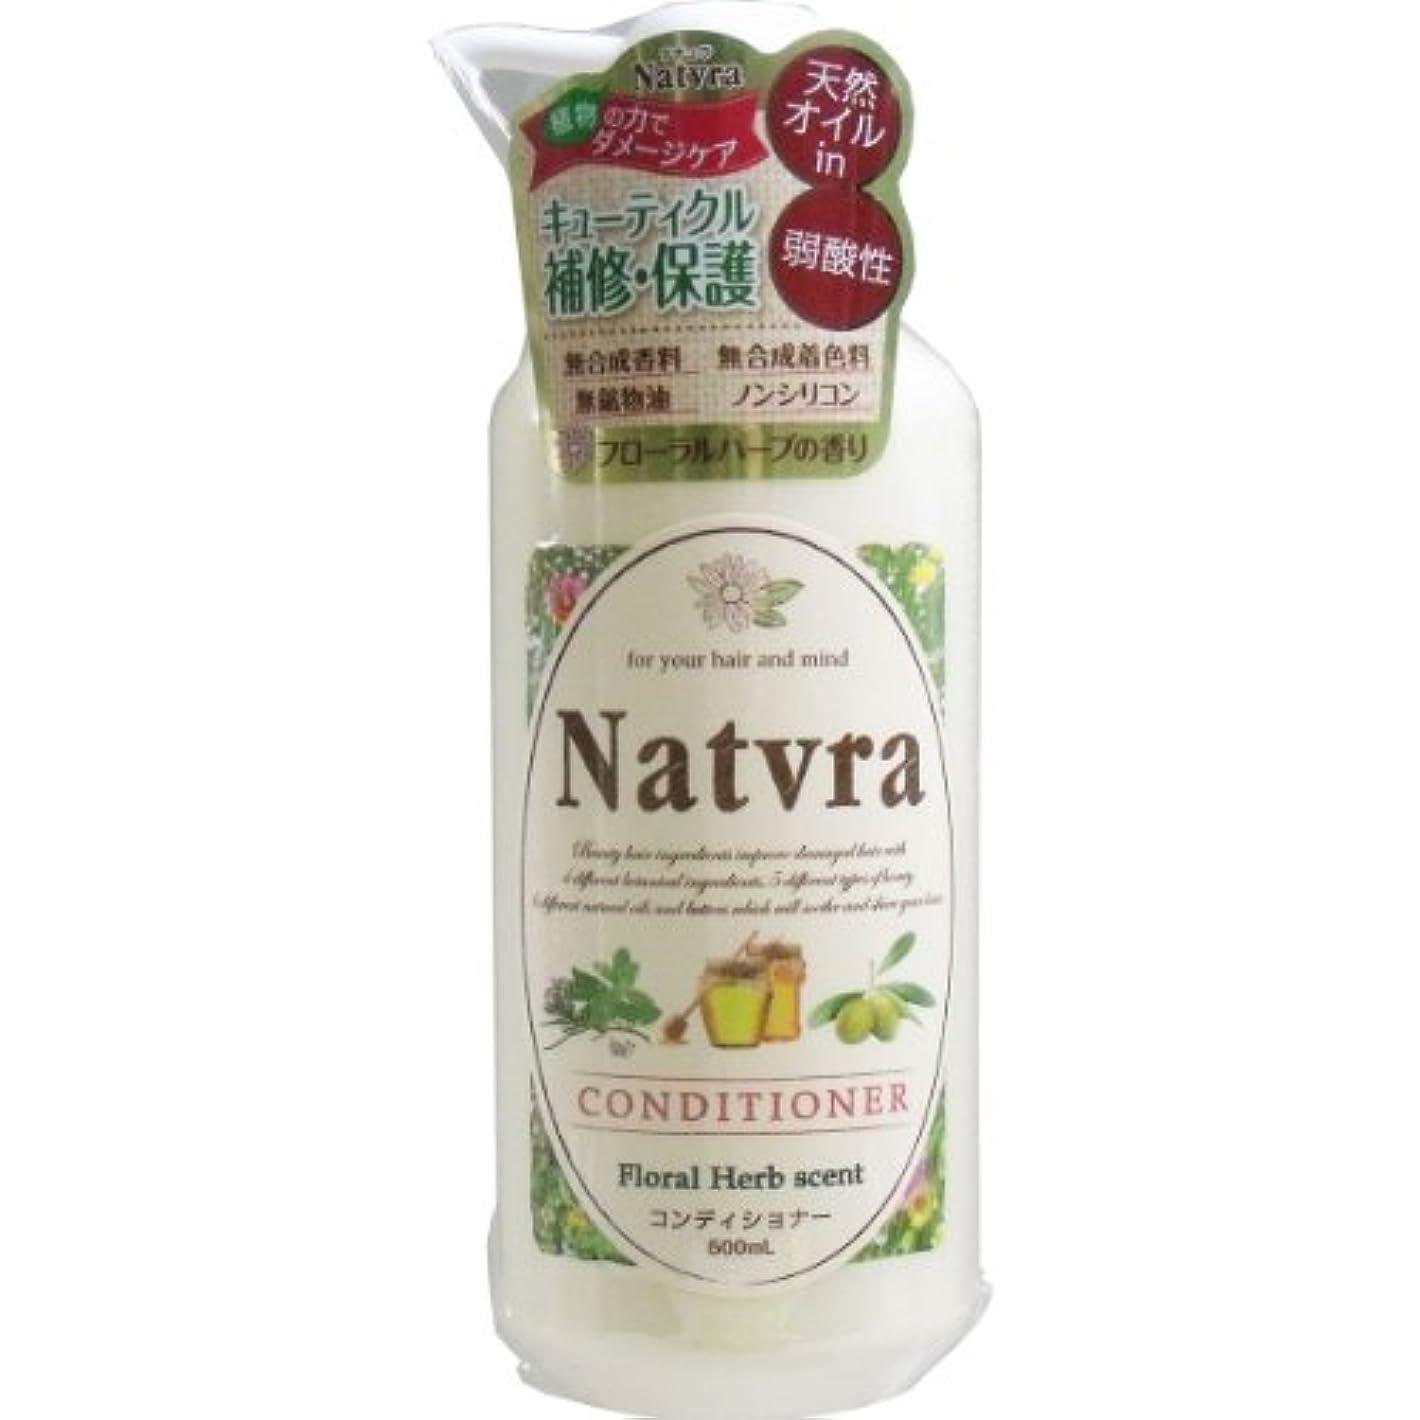 車両甘い崖Natvra(ナチュラ) コンディショナー フローラルハーブの香り 500mL【2個セット】